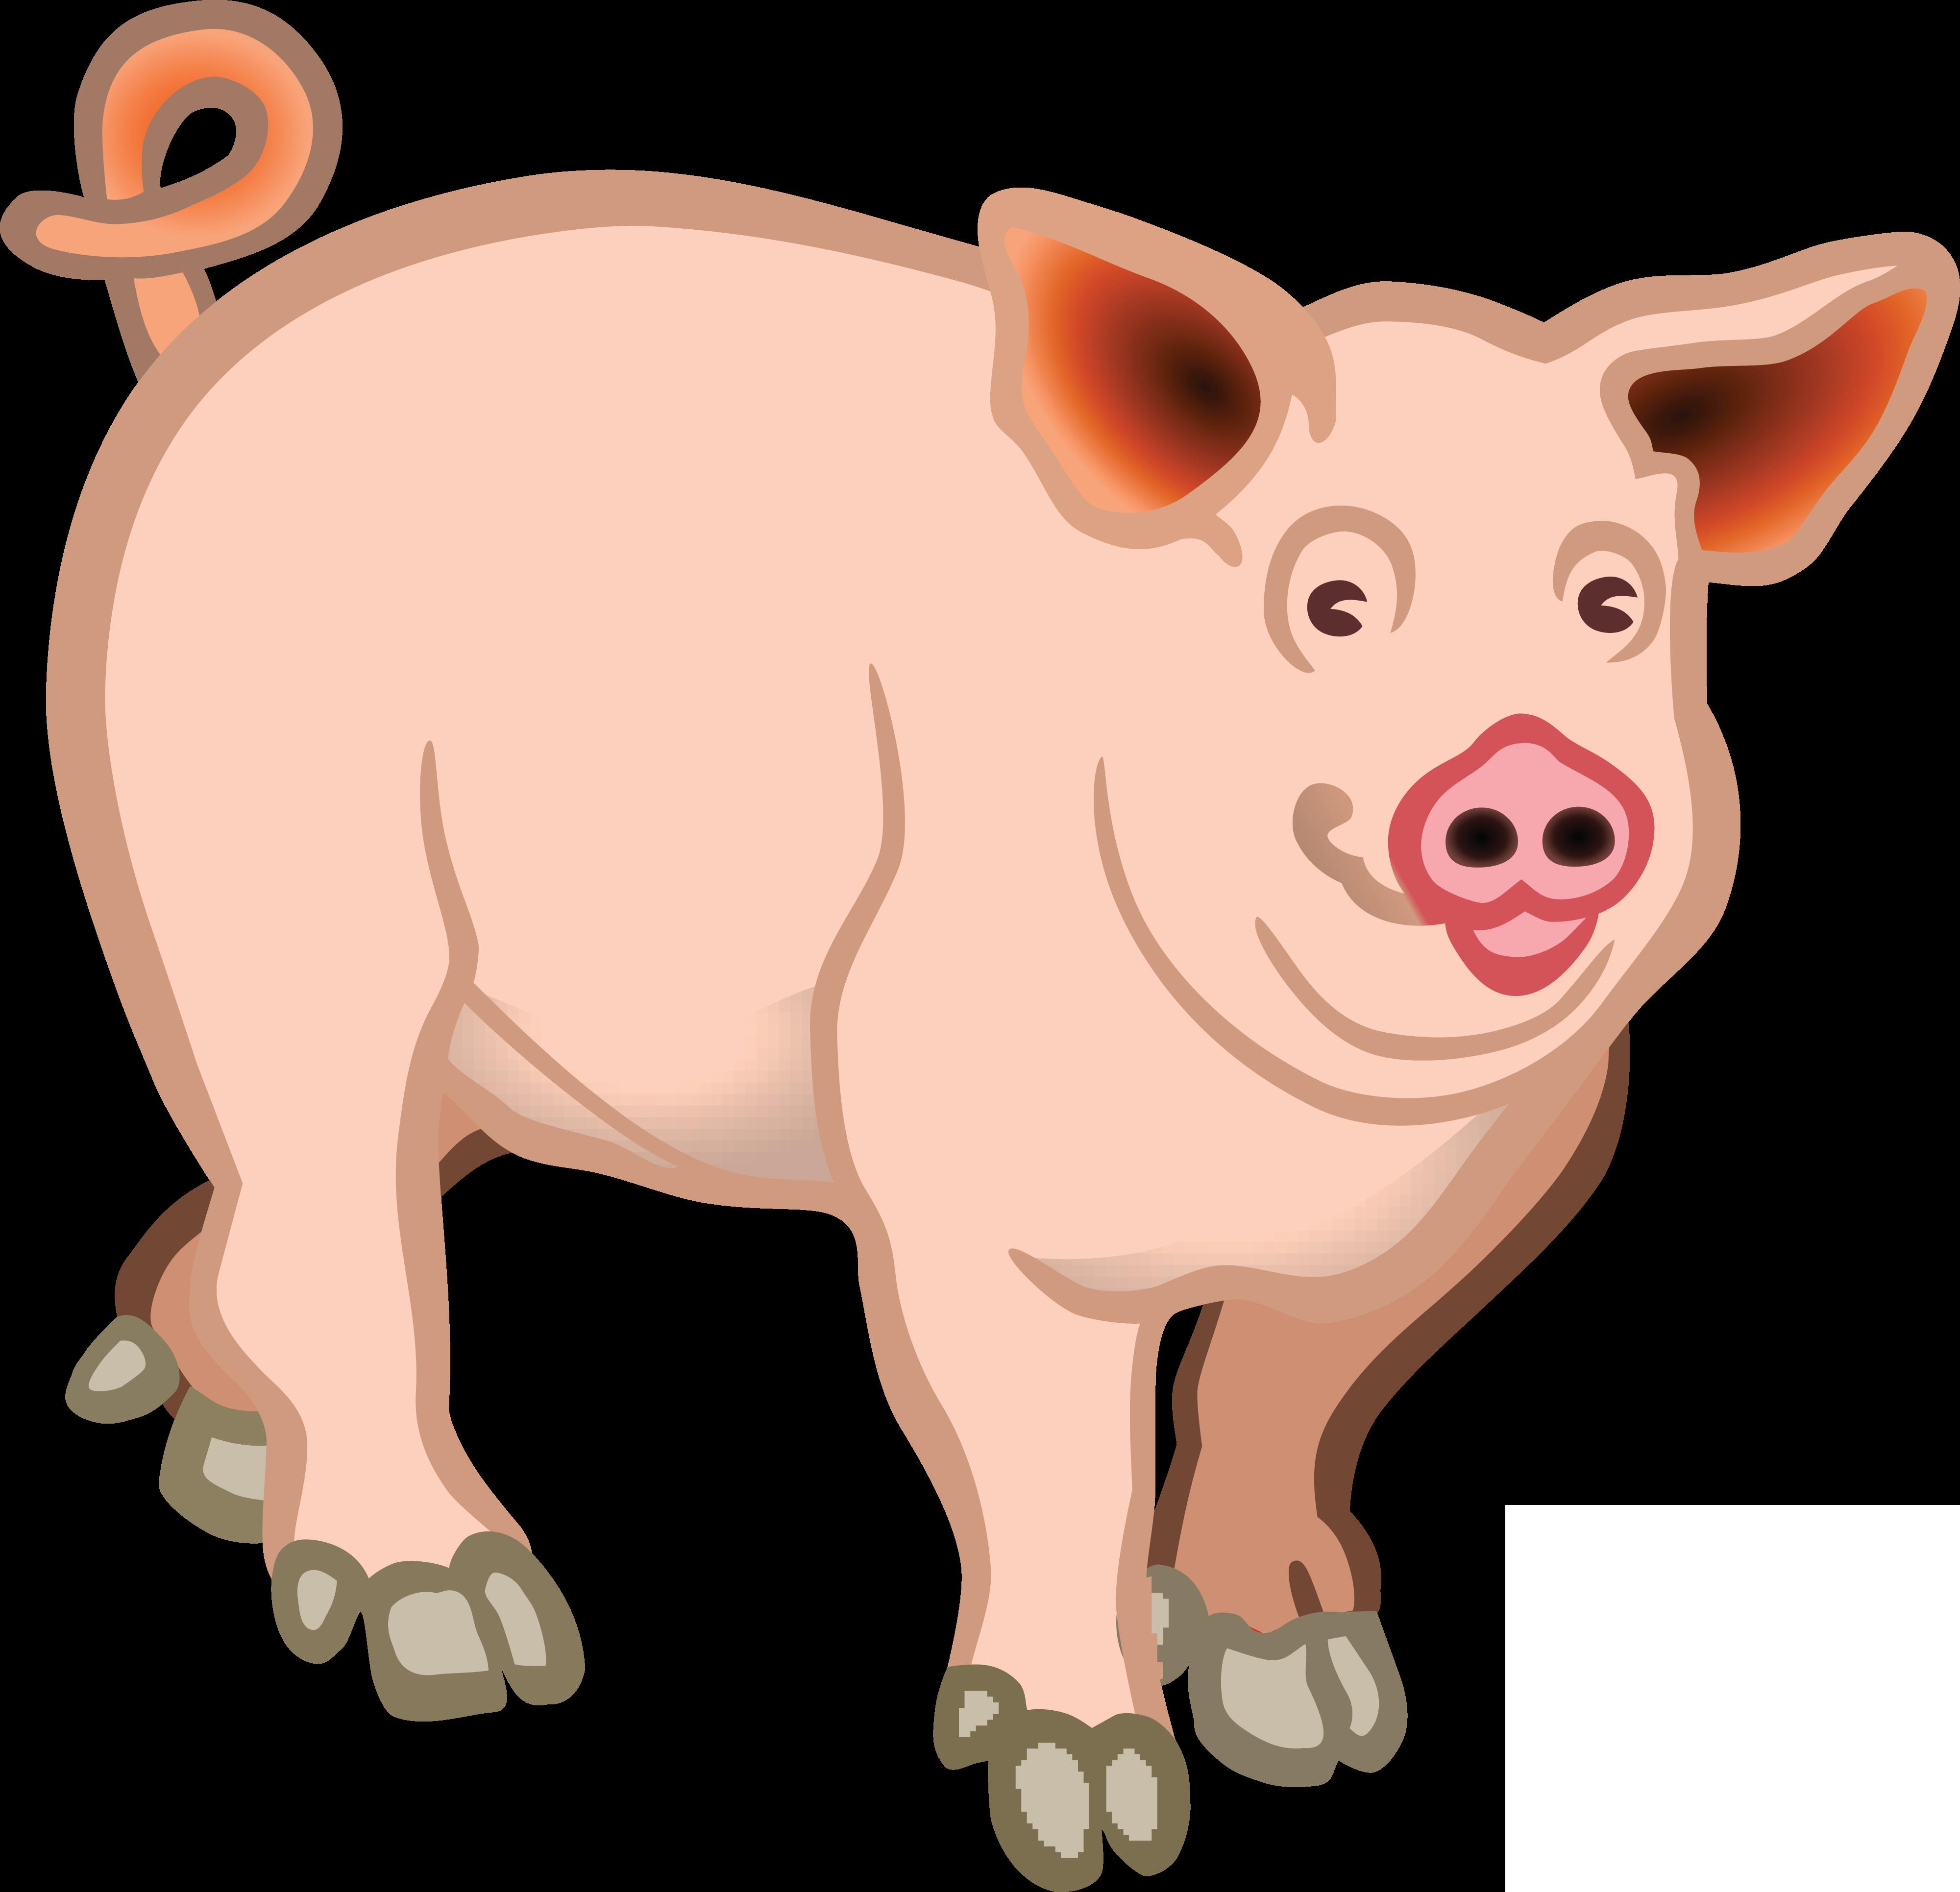 free clipart of a pig rh free clipartof com free clipart of pig clip art of pigs with wings